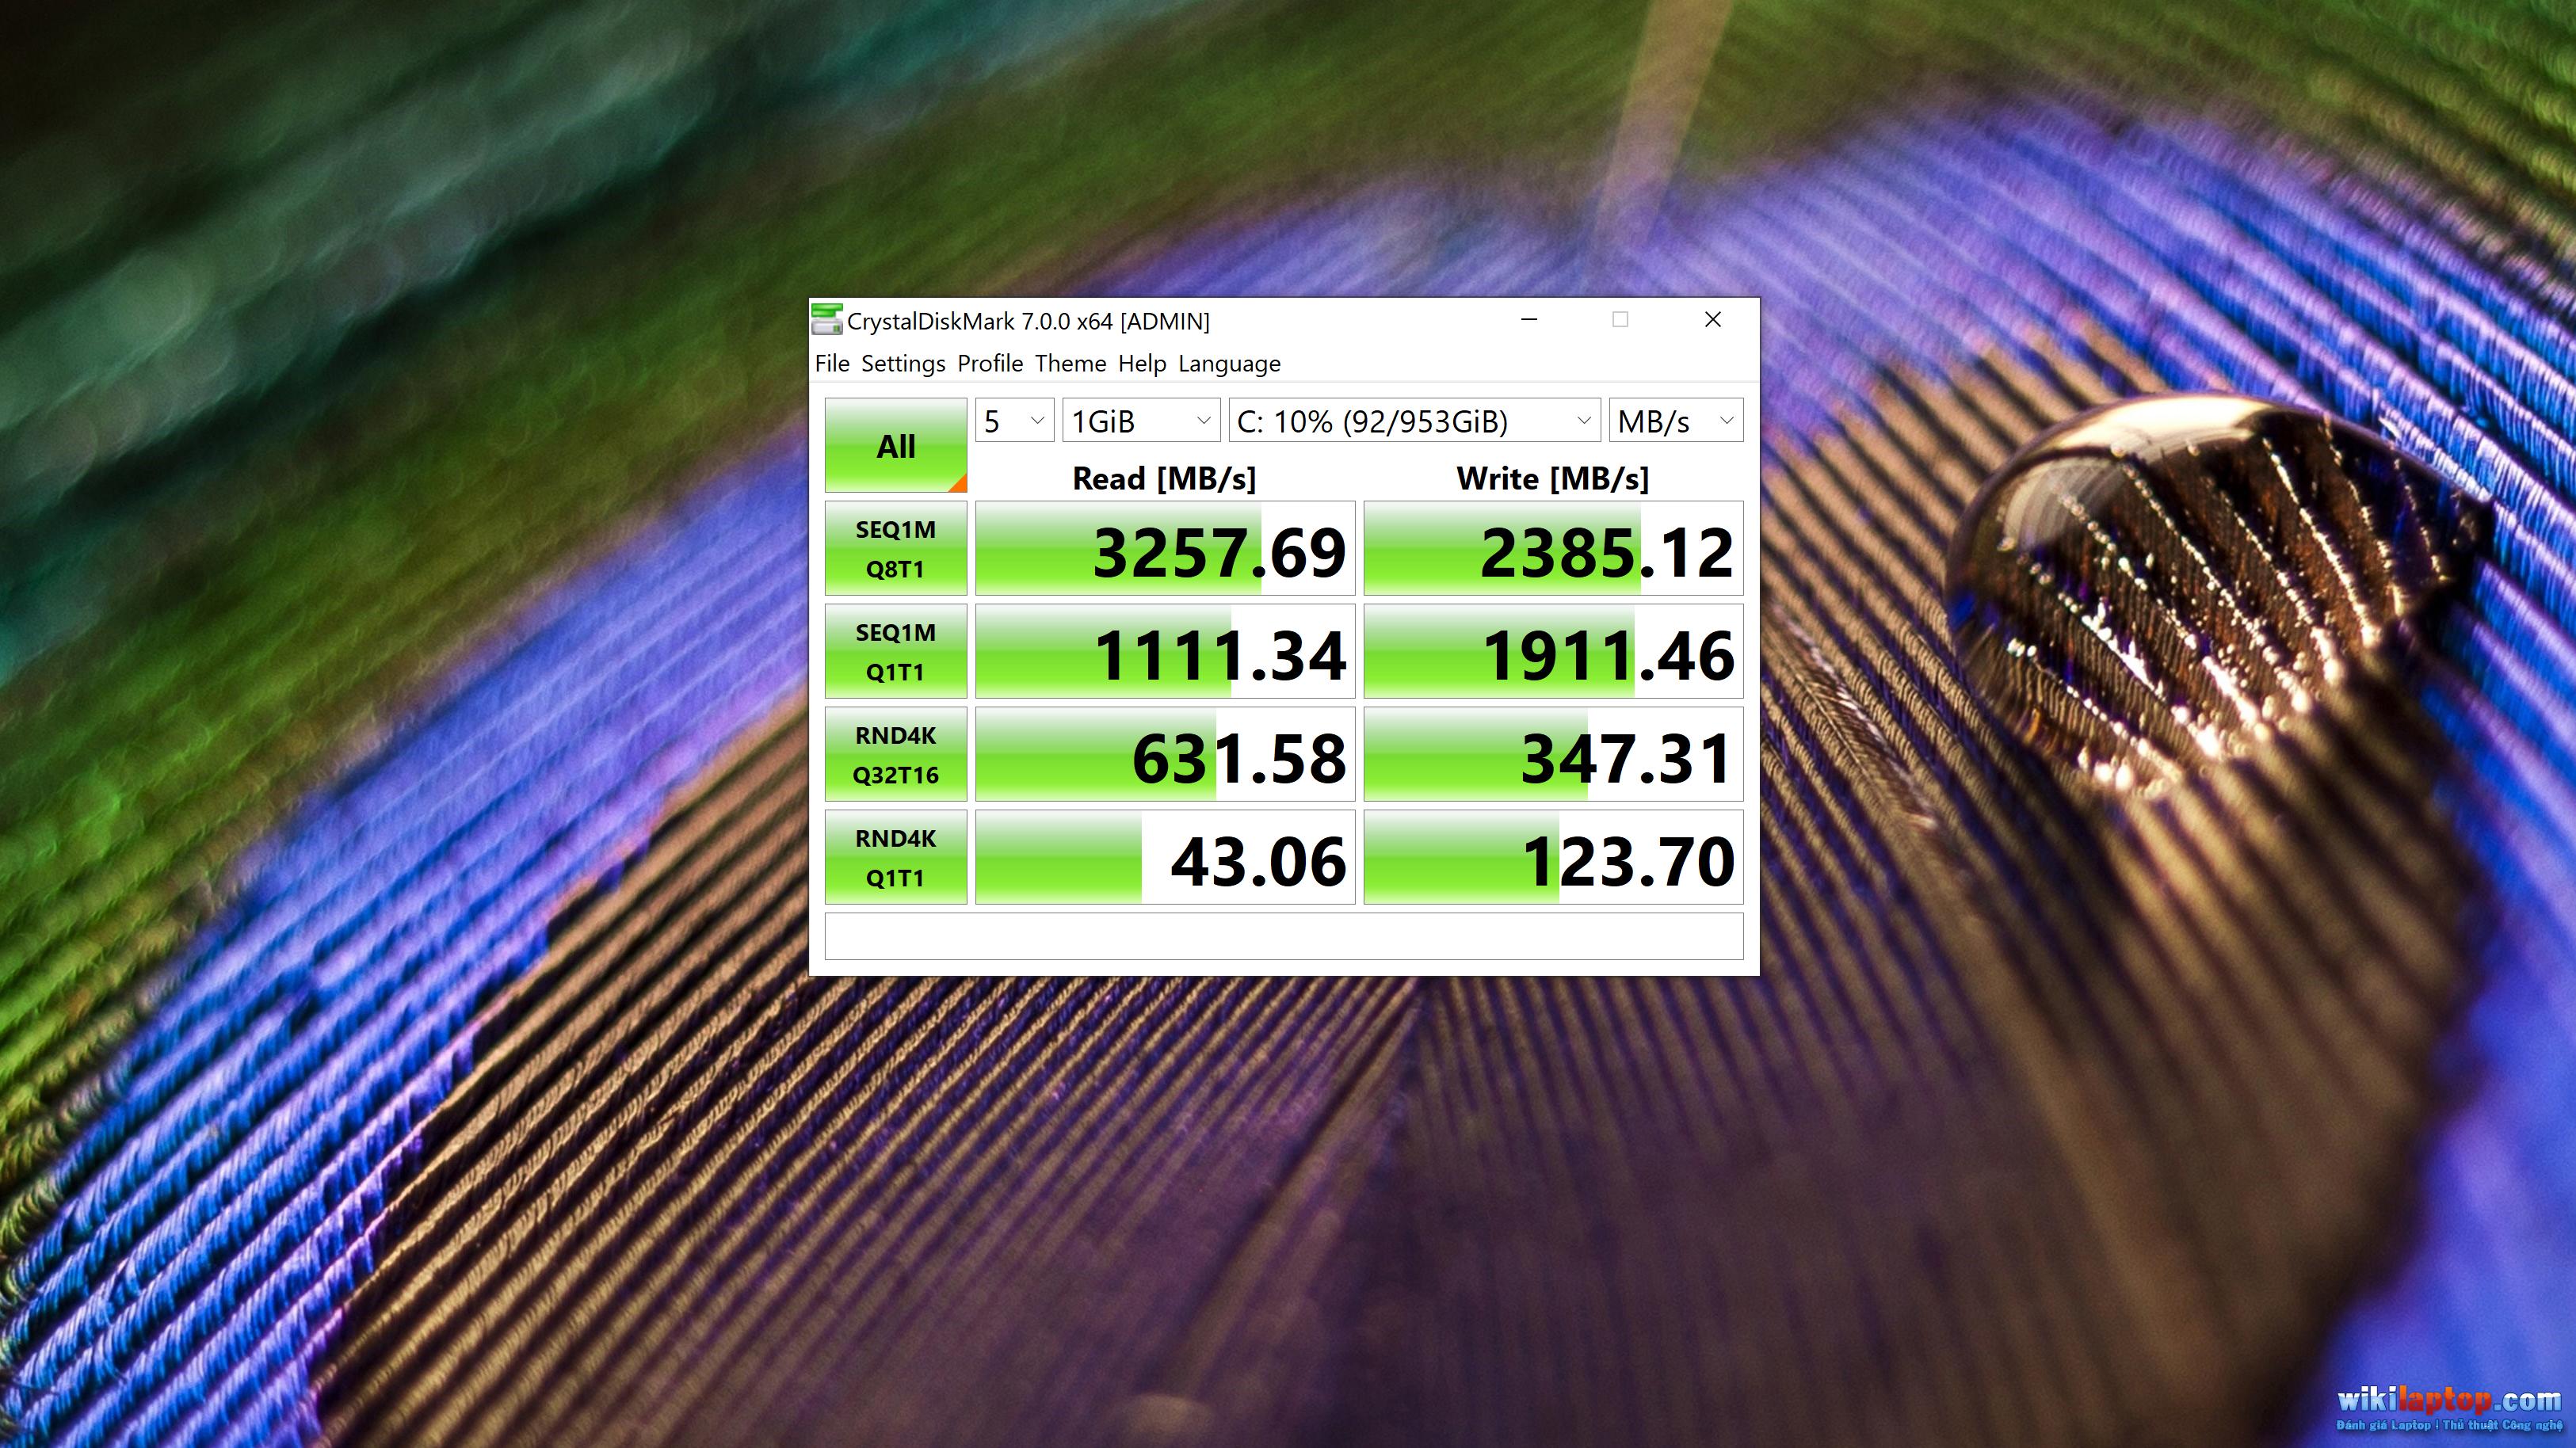 Sforum - Trang thông tin công nghệ HP-Spectre-x360-Test-6 Đánh giá chi tiết HP Spectre x360 13: Cái gì bên trong một chiếc Laptop có giá gần 50 triệu HP?